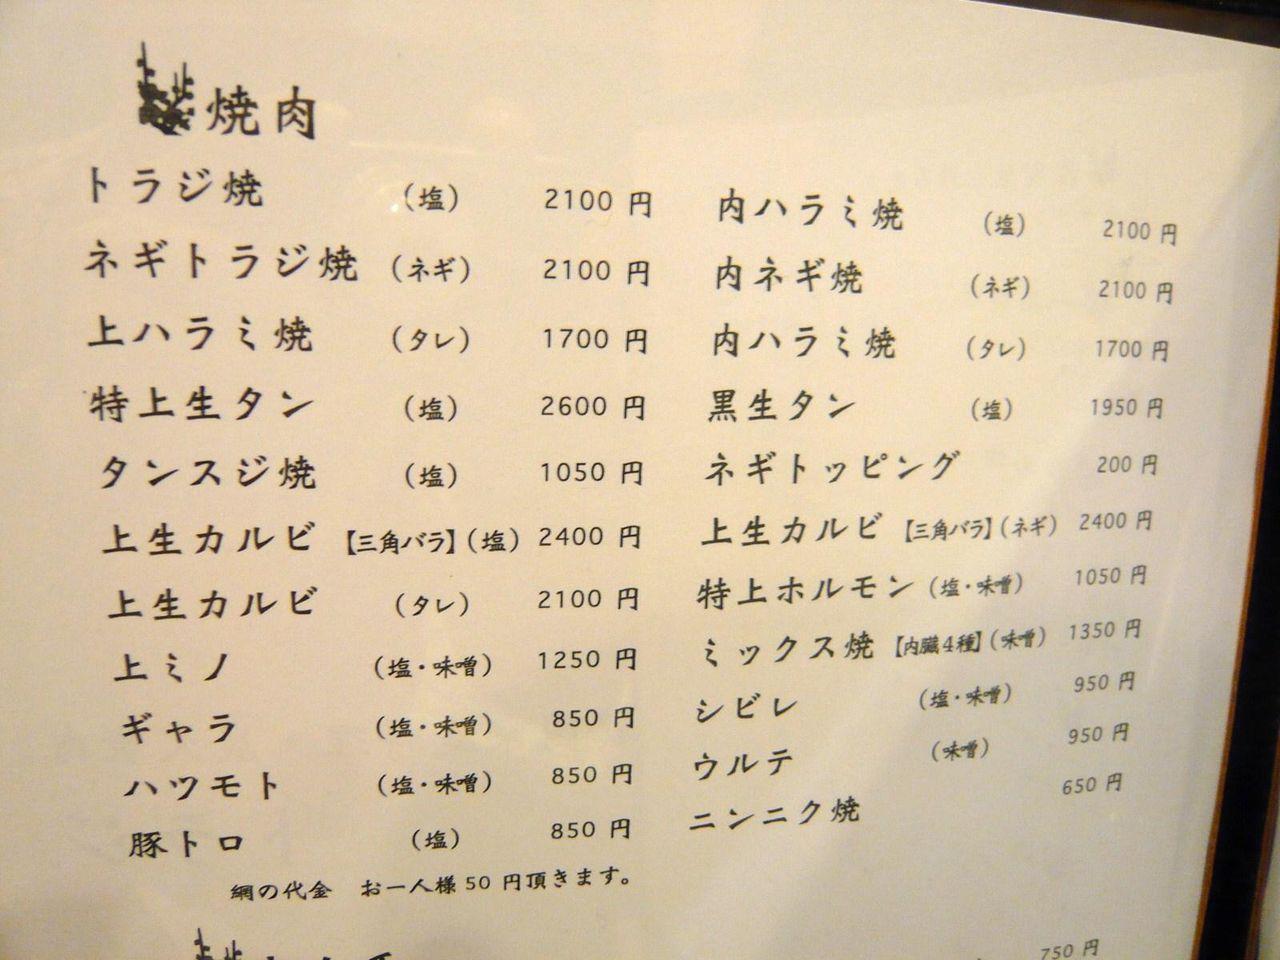 三宿トラジの焼肉メニュー(23年2月現在)